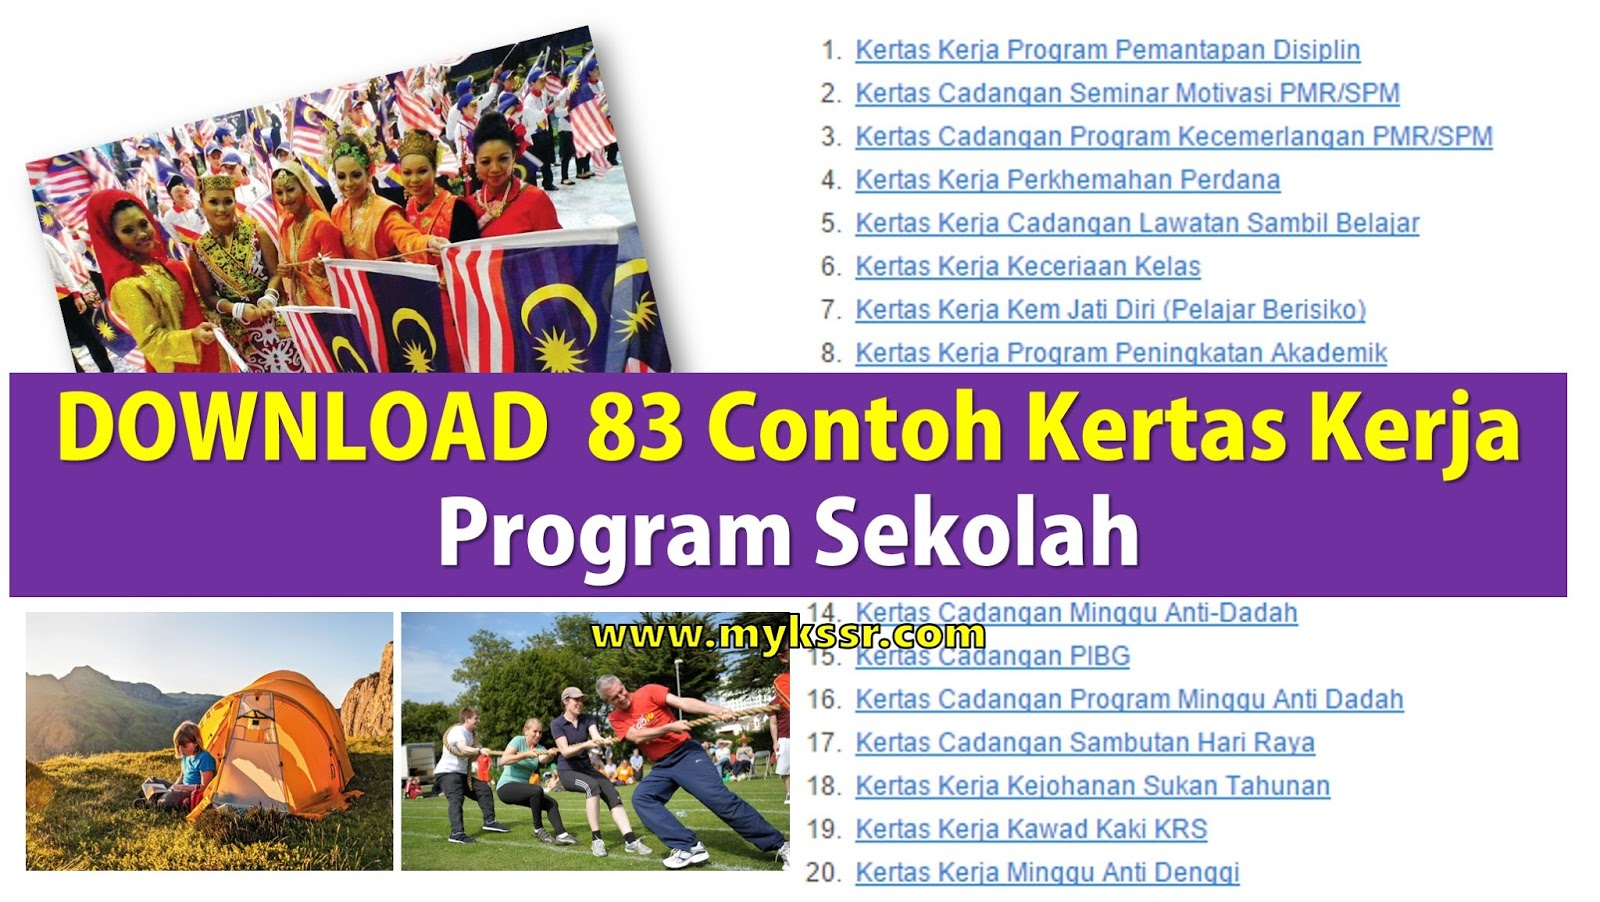 83 Contoh Kertas Kerja Program Sekolah Mykssr Com